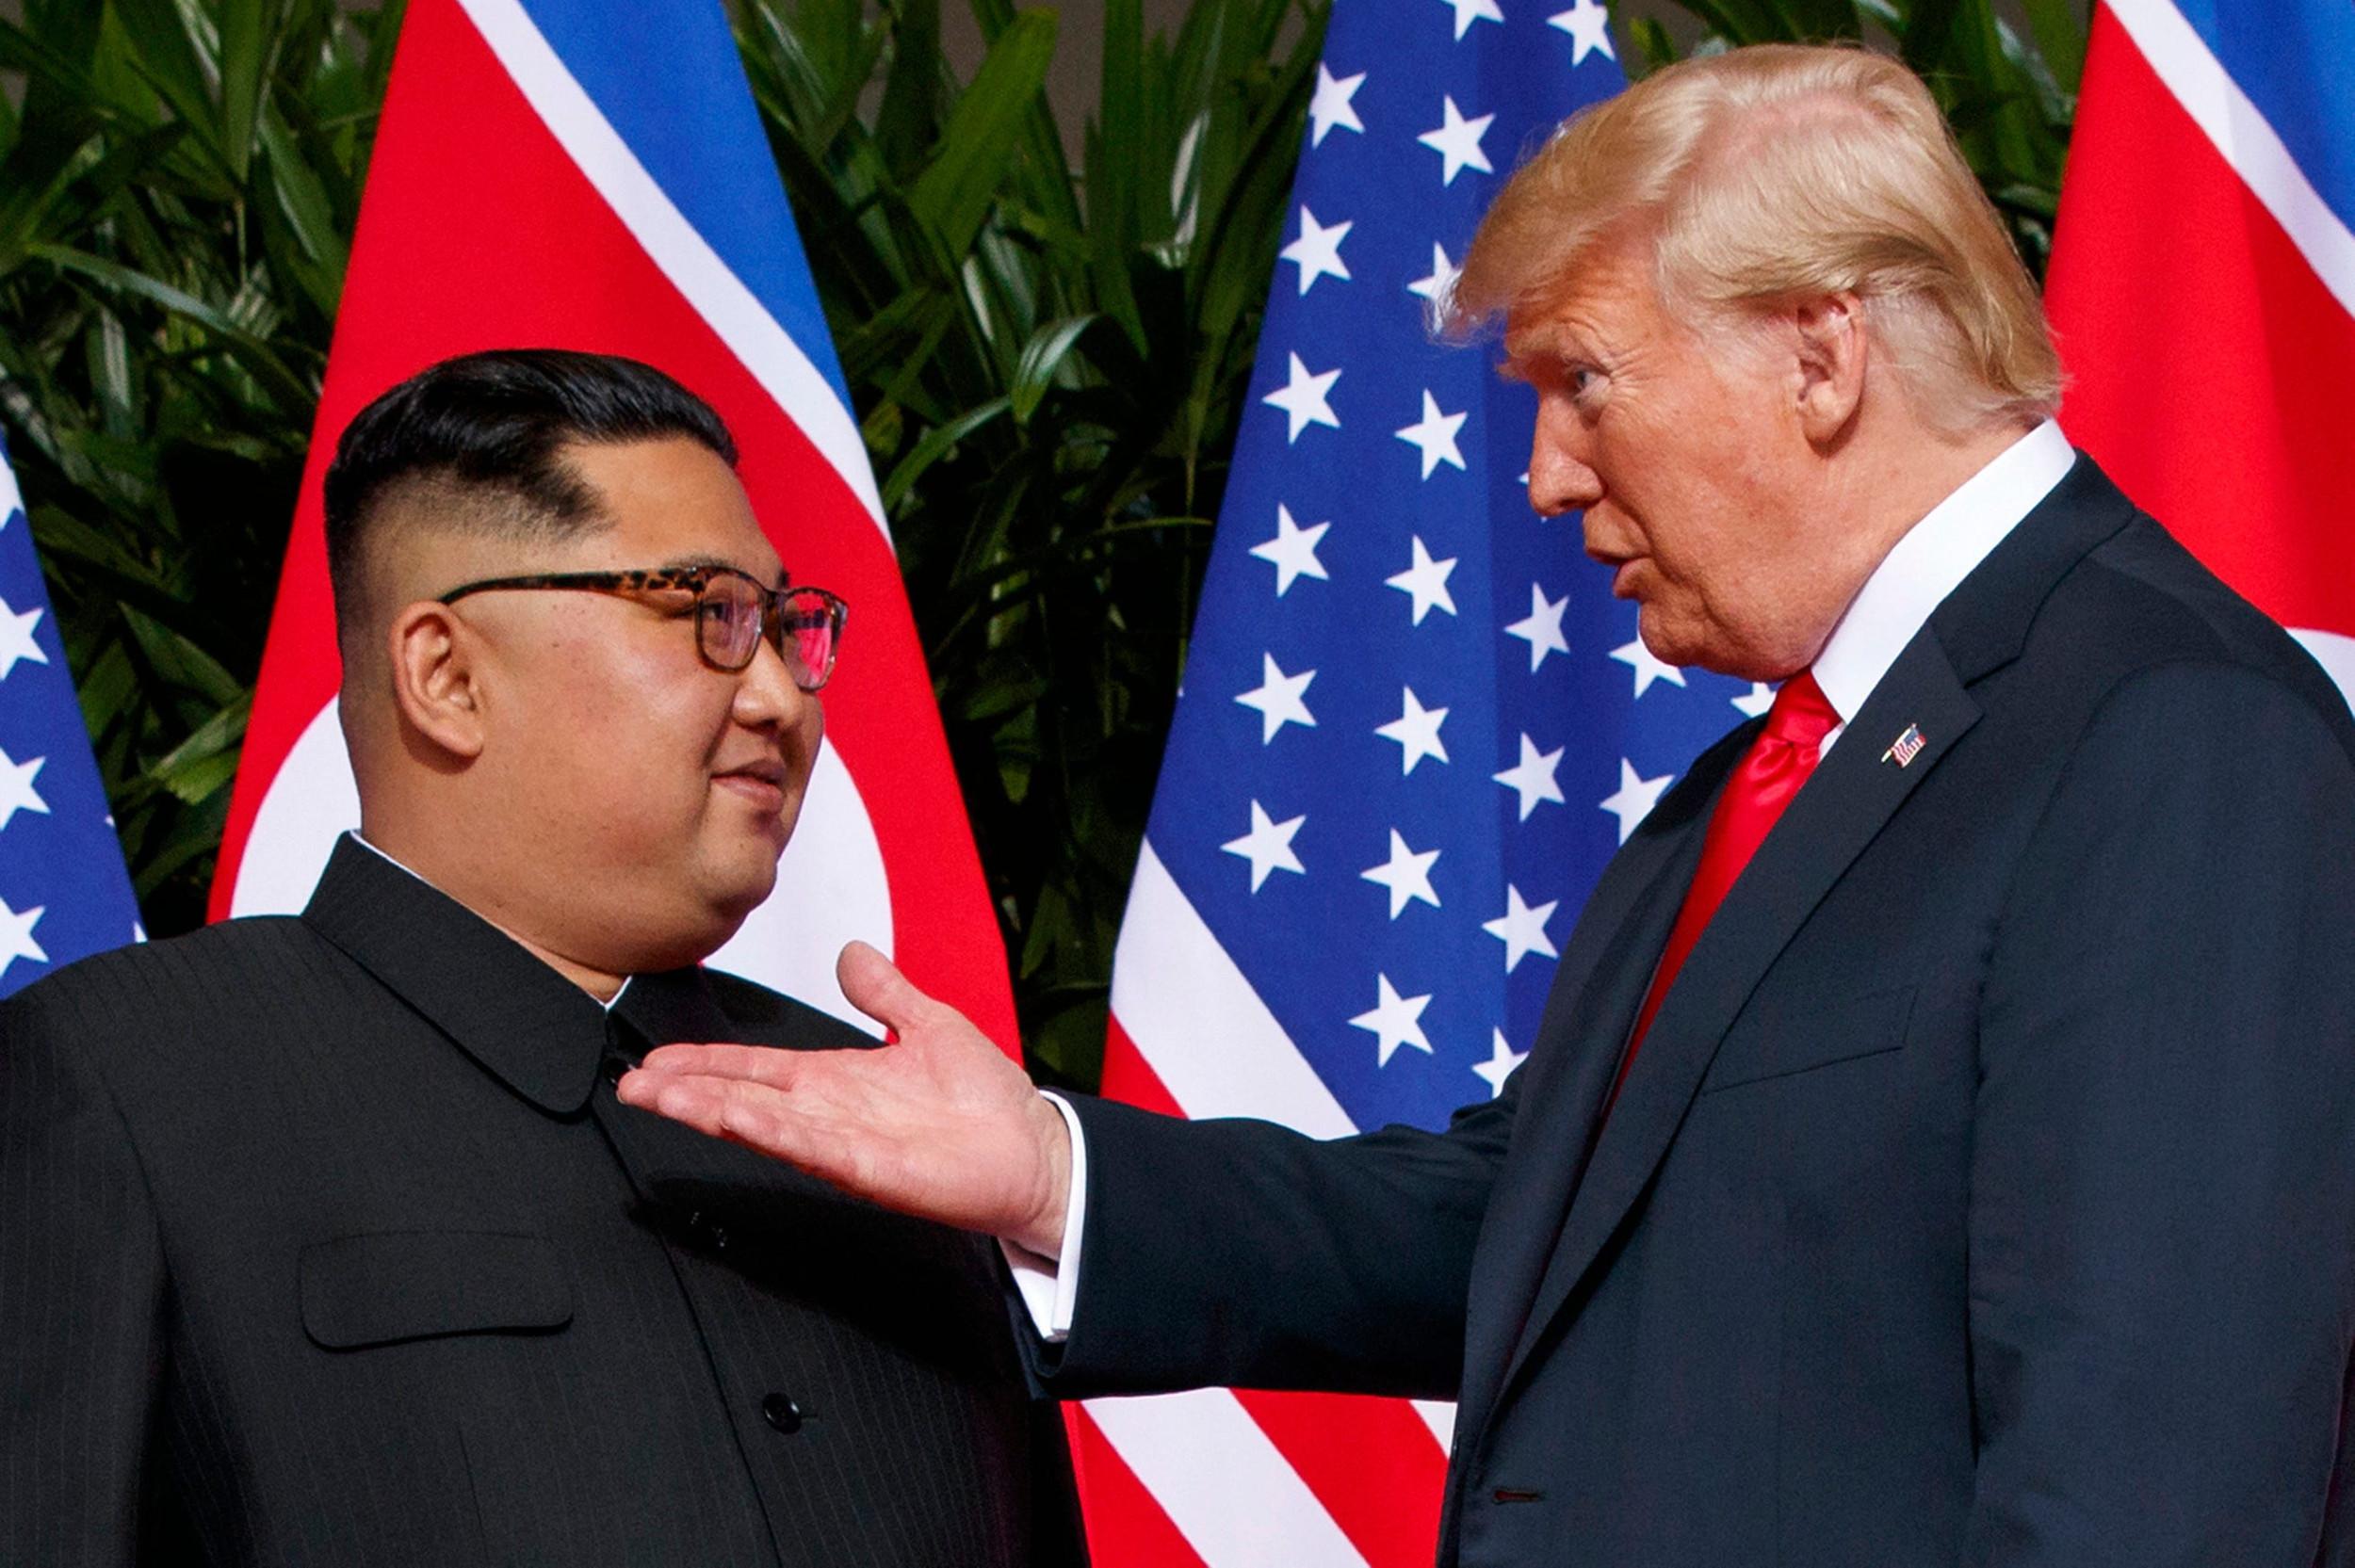 Амерички председник Доналд Трамп разговара са лидером Северне Кореје Ким Џон Уном током њиховог првог састанка у Сингапуру, 12. јун 2018. (Фото: AP Photo/Evan Vucci)